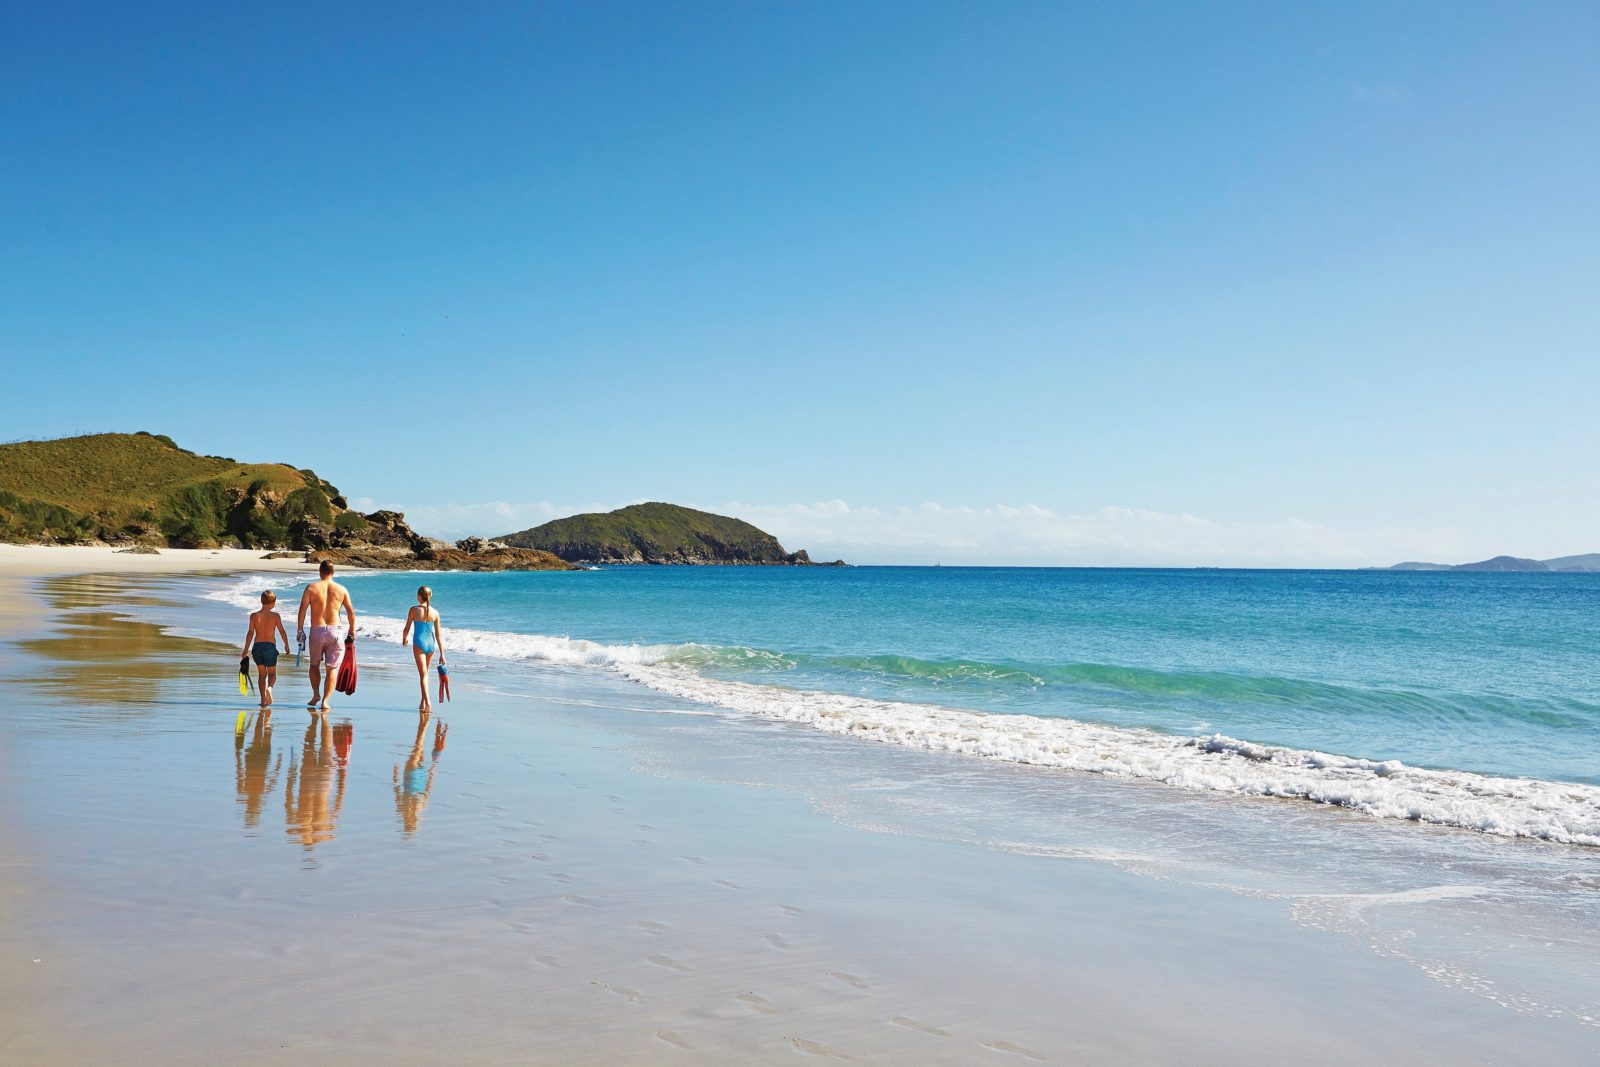 Family walking alonb beach near the shoreline, Keppel Islands